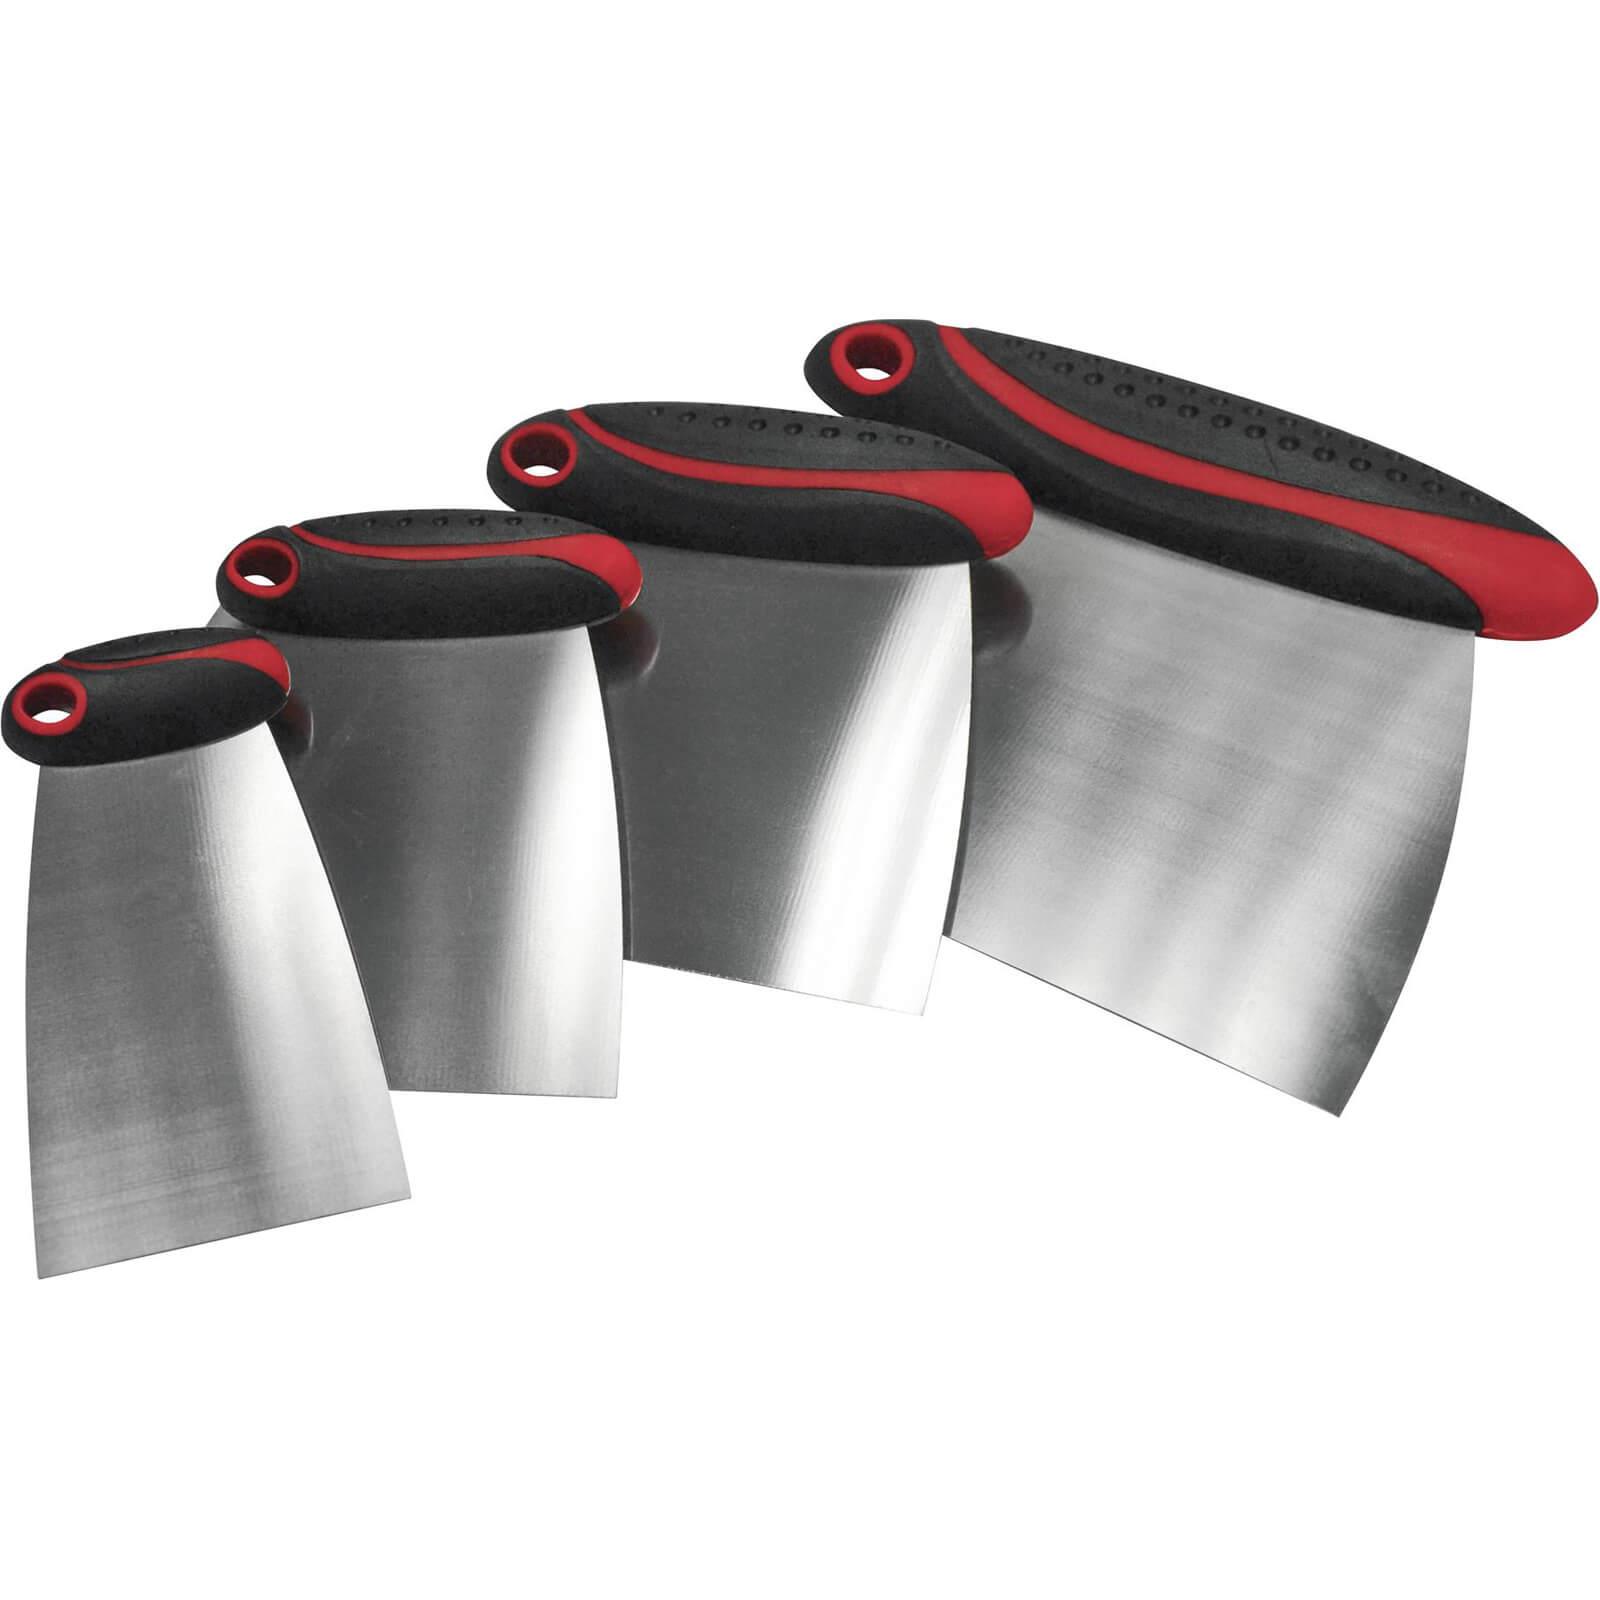 Faithfull 4 Piece Stainless Steel Filler & Spreader Set 50mm - 150mm